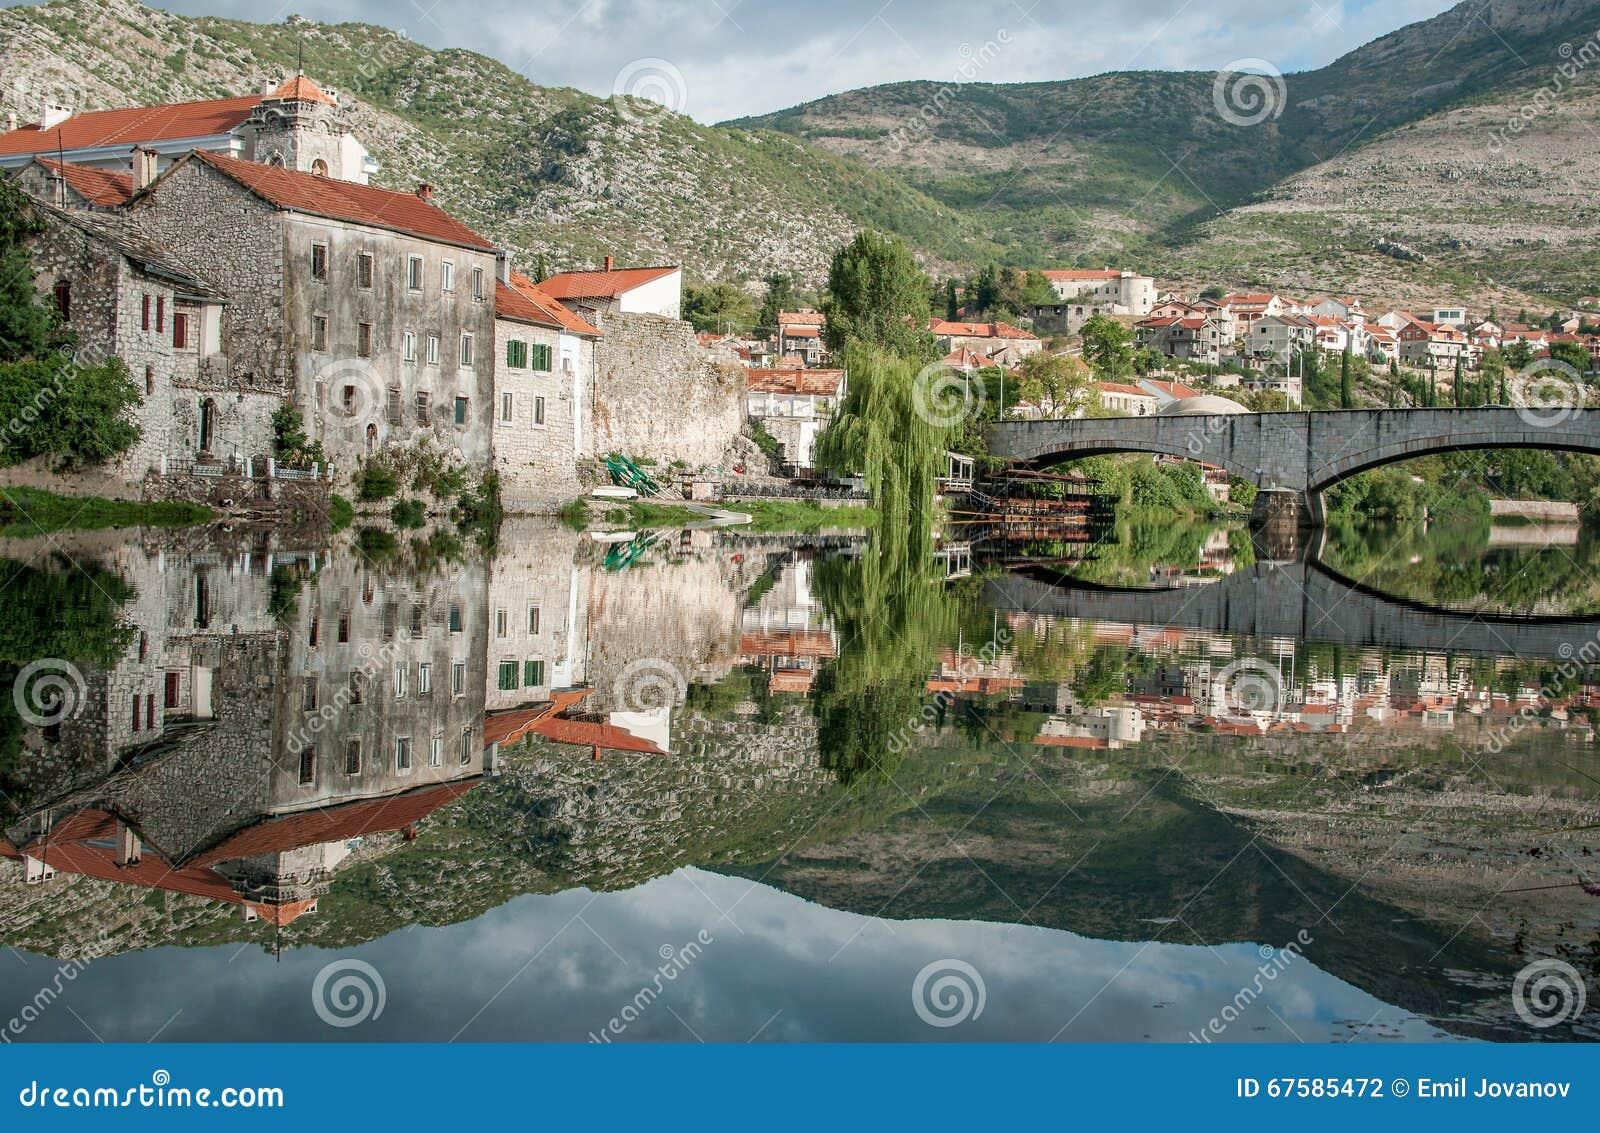 trebinje eine stadt in bosnien und herzegowina stockfoto bild von flu balkan 67585472. Black Bedroom Furniture Sets. Home Design Ideas